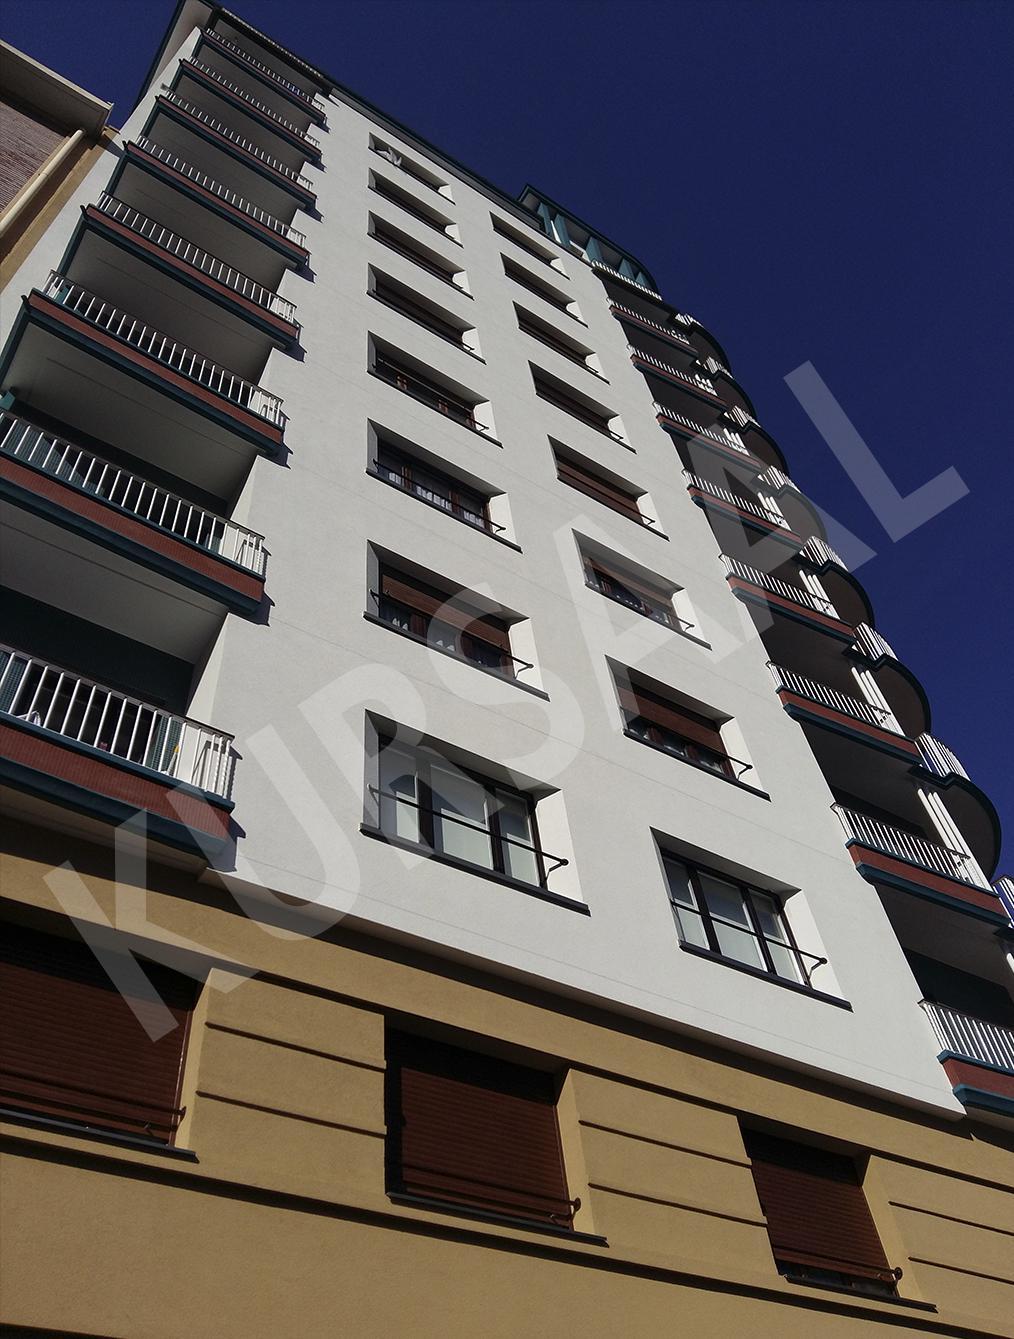 foto 10 - Aislamientos Térmicos y Eficiencia Energética-Gure Zumardia 3-PASAIA, GIPUZKOA